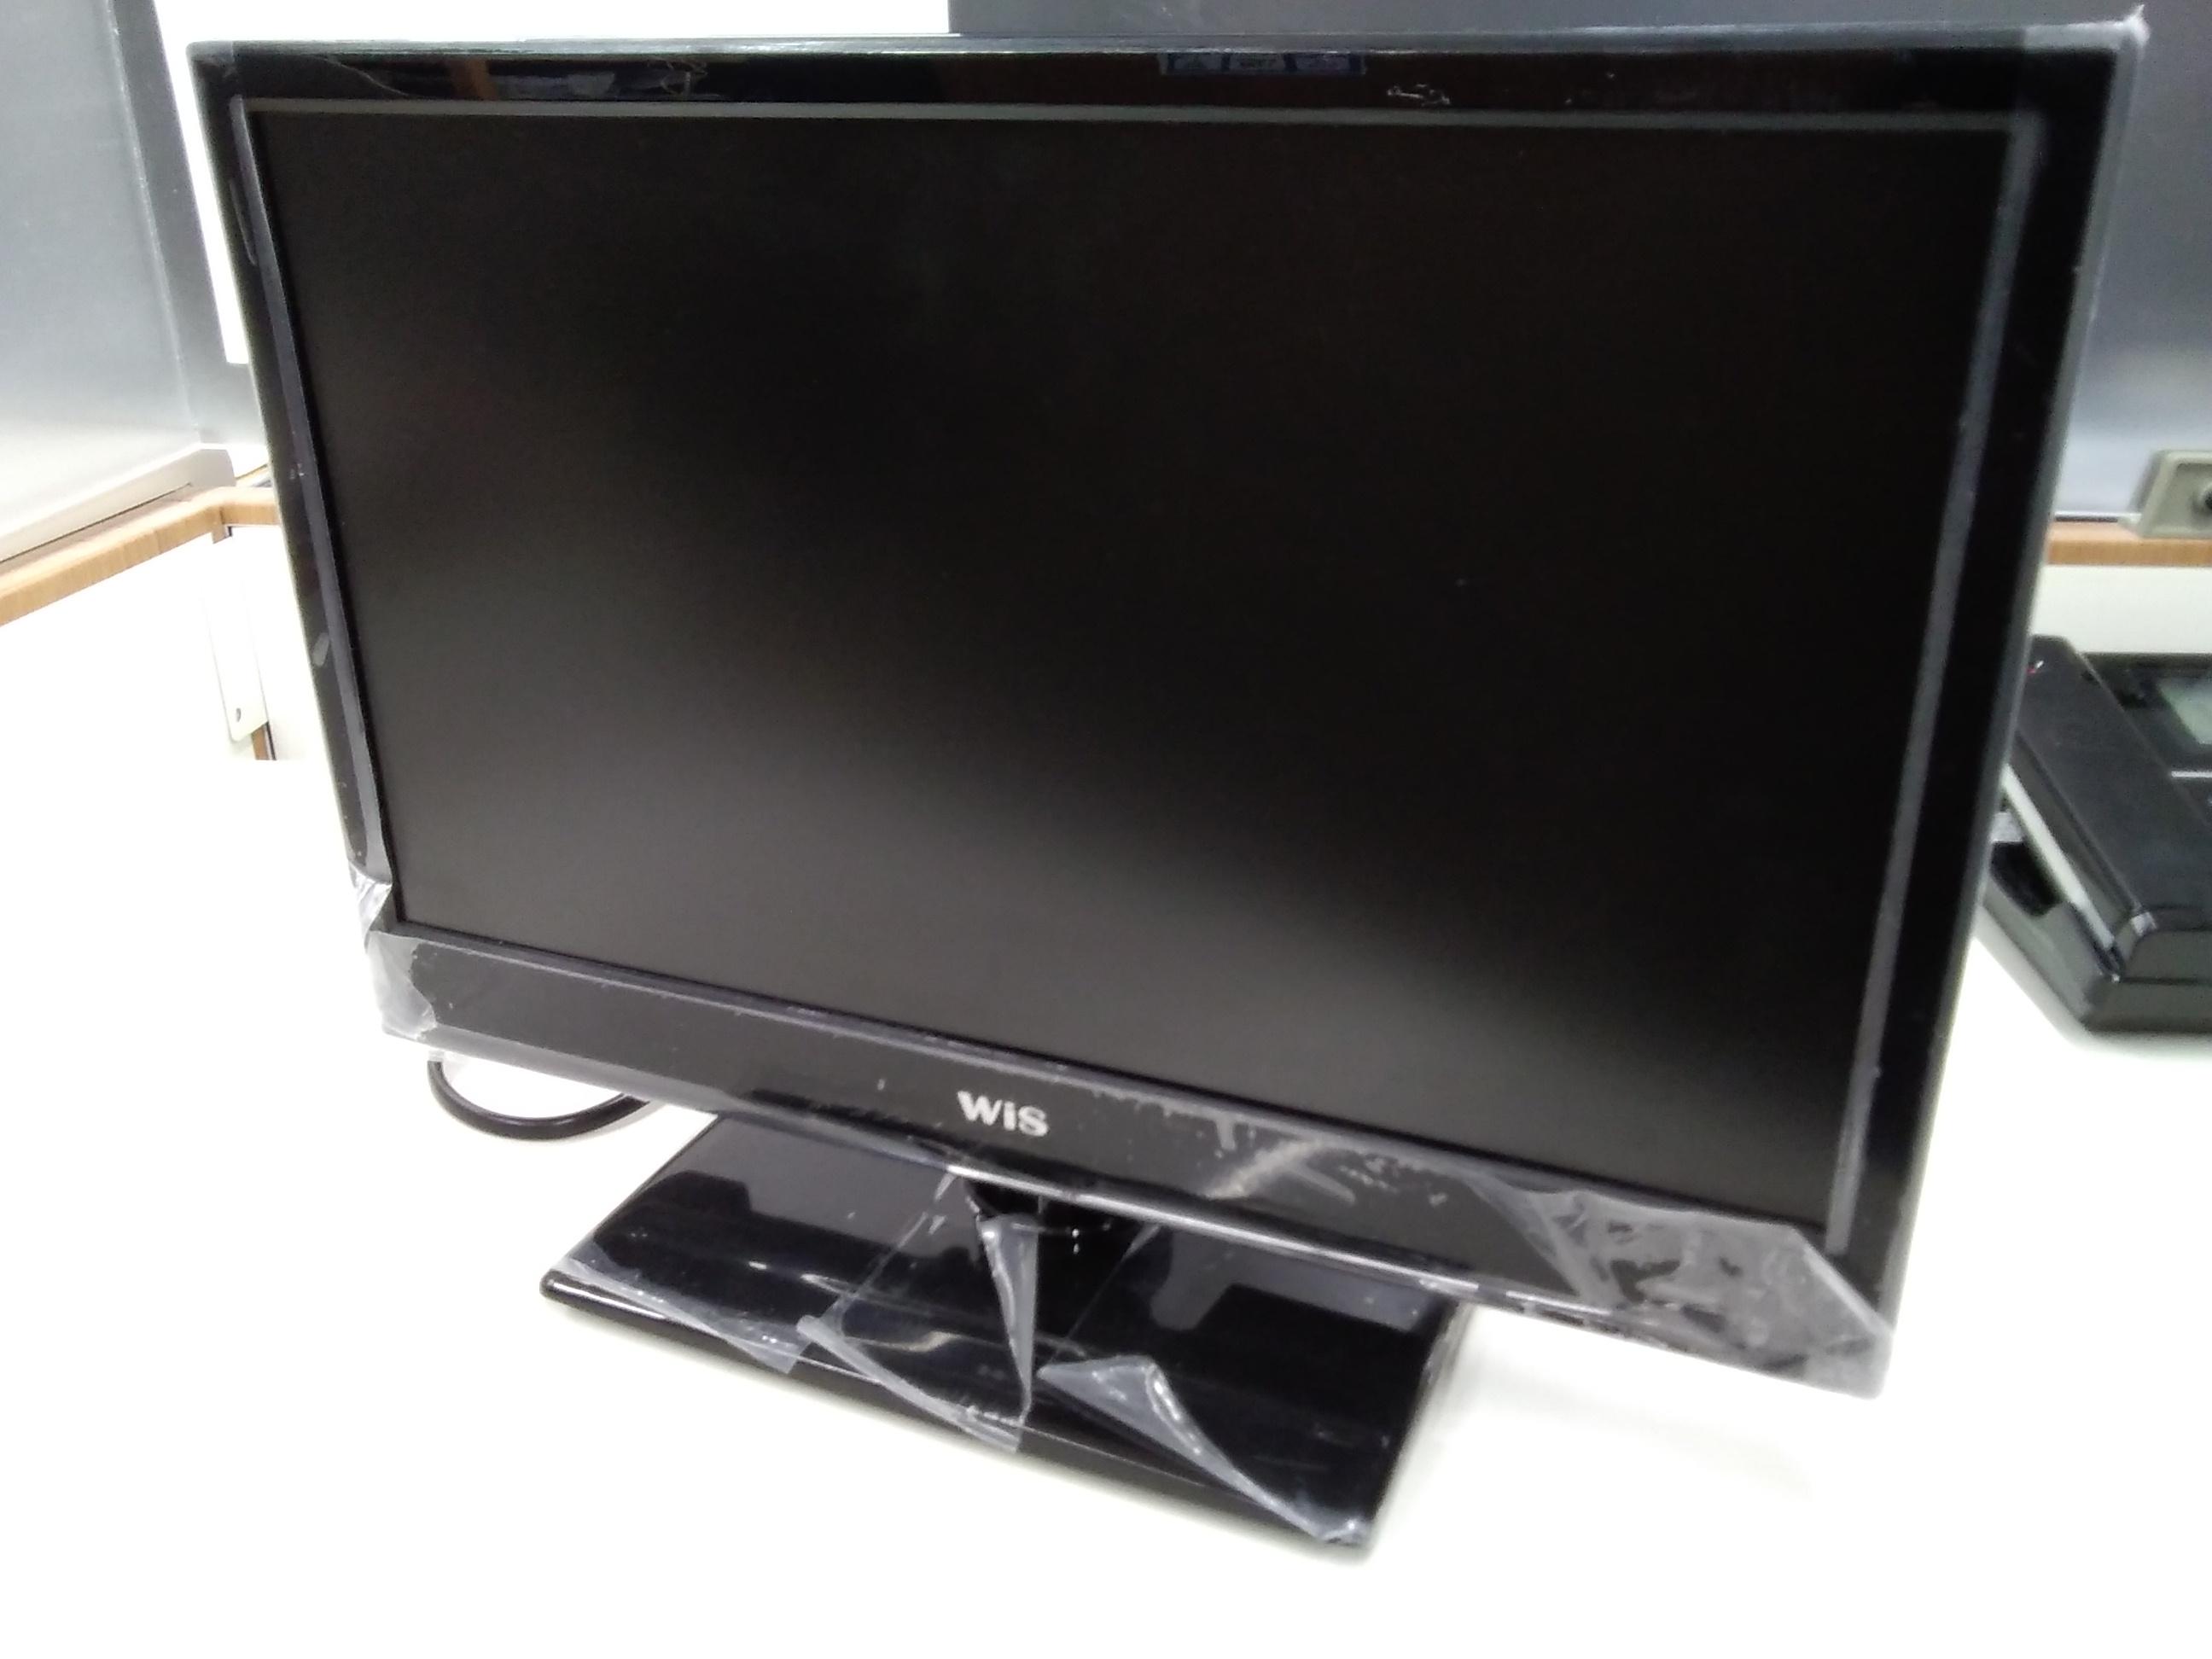 16インチ液晶テレビ WIS